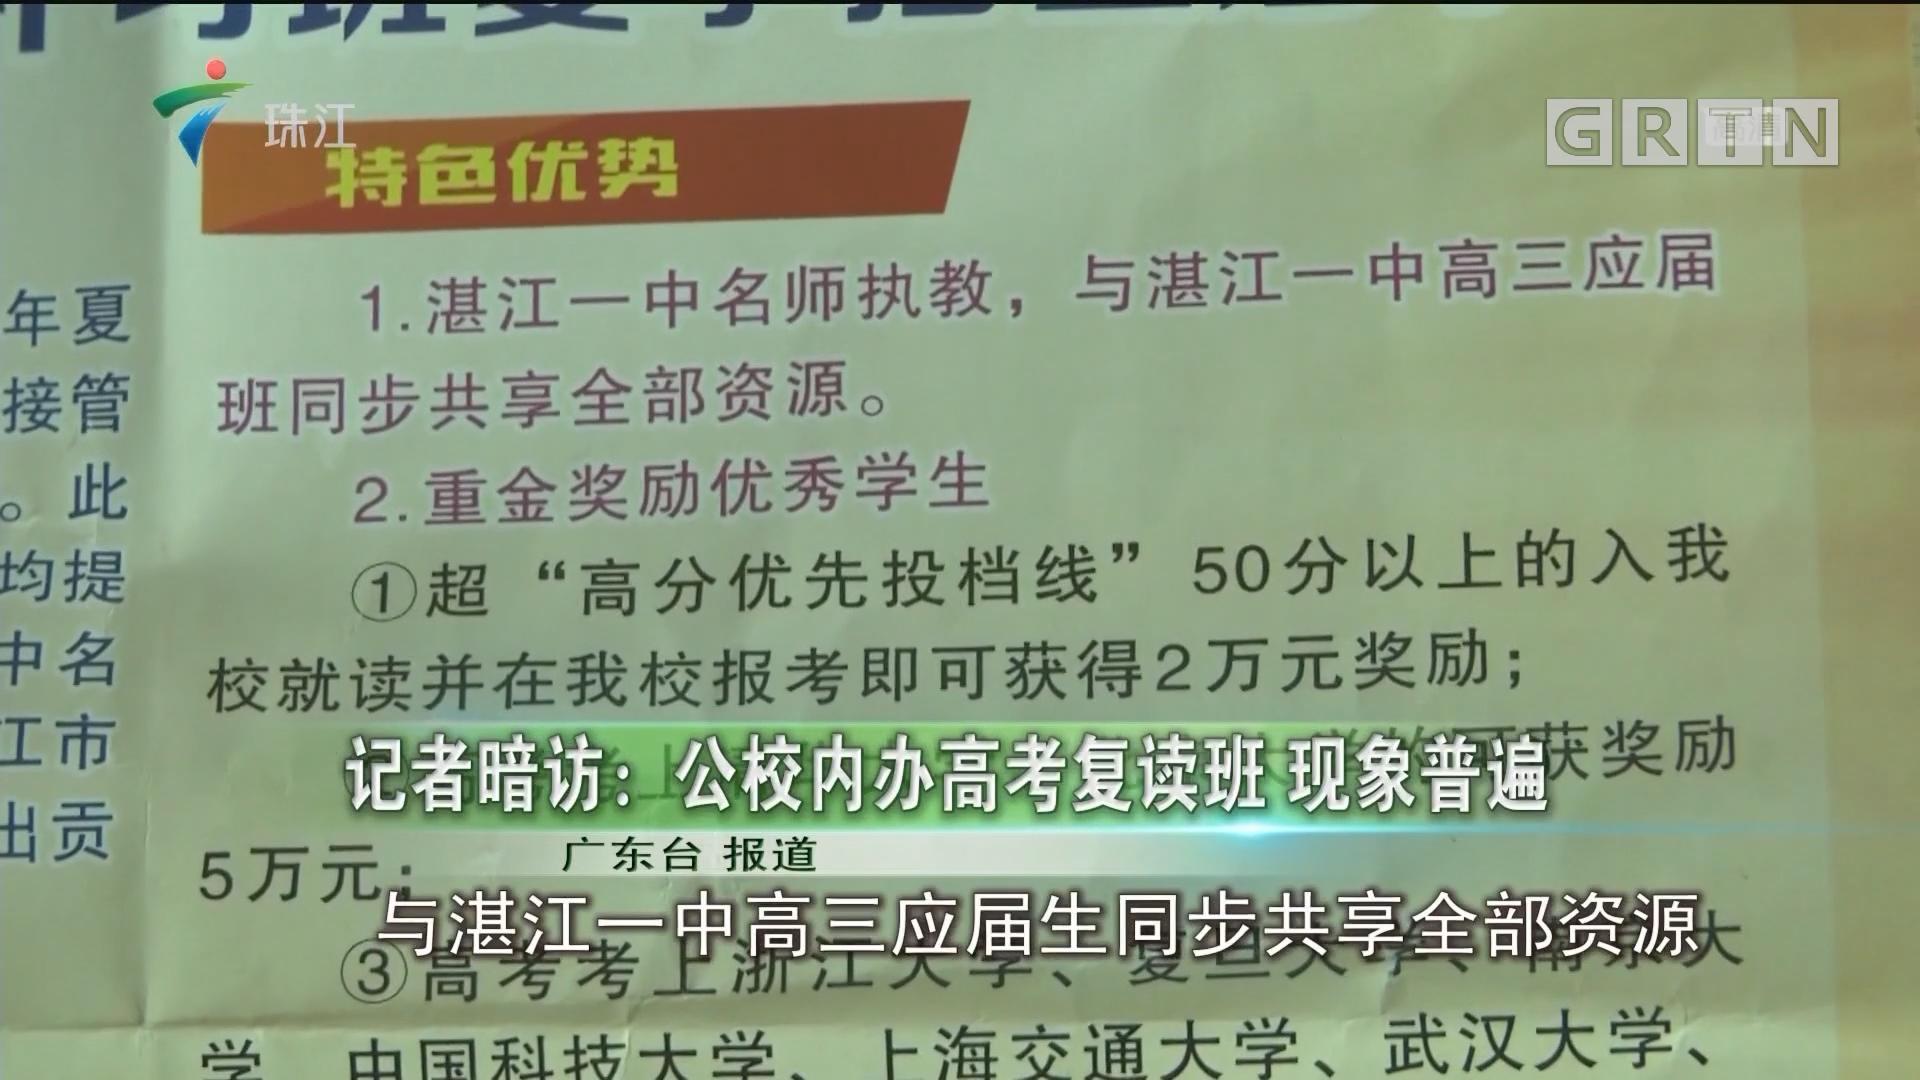 记者暗访:公校内办高考复读班 现象普遍